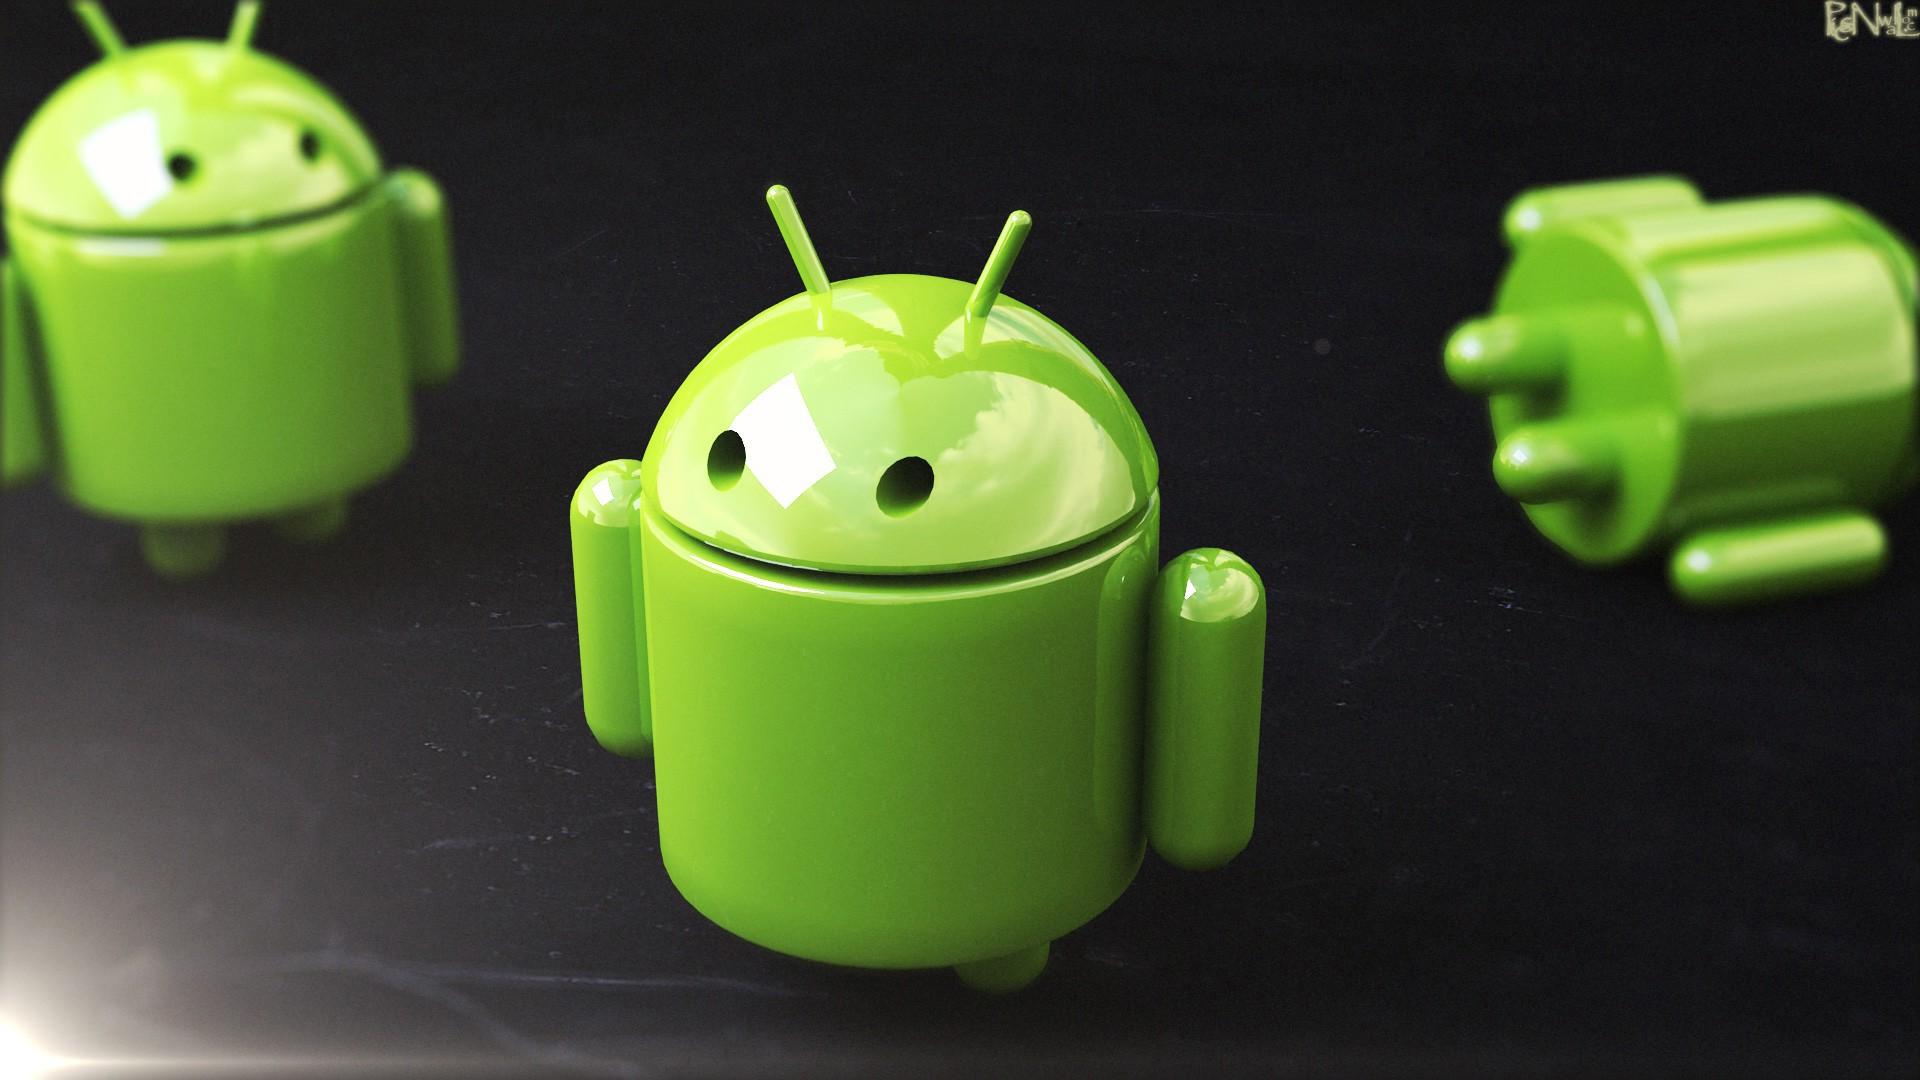 Free Description 3D Android Wallpaper HD Is A Hi